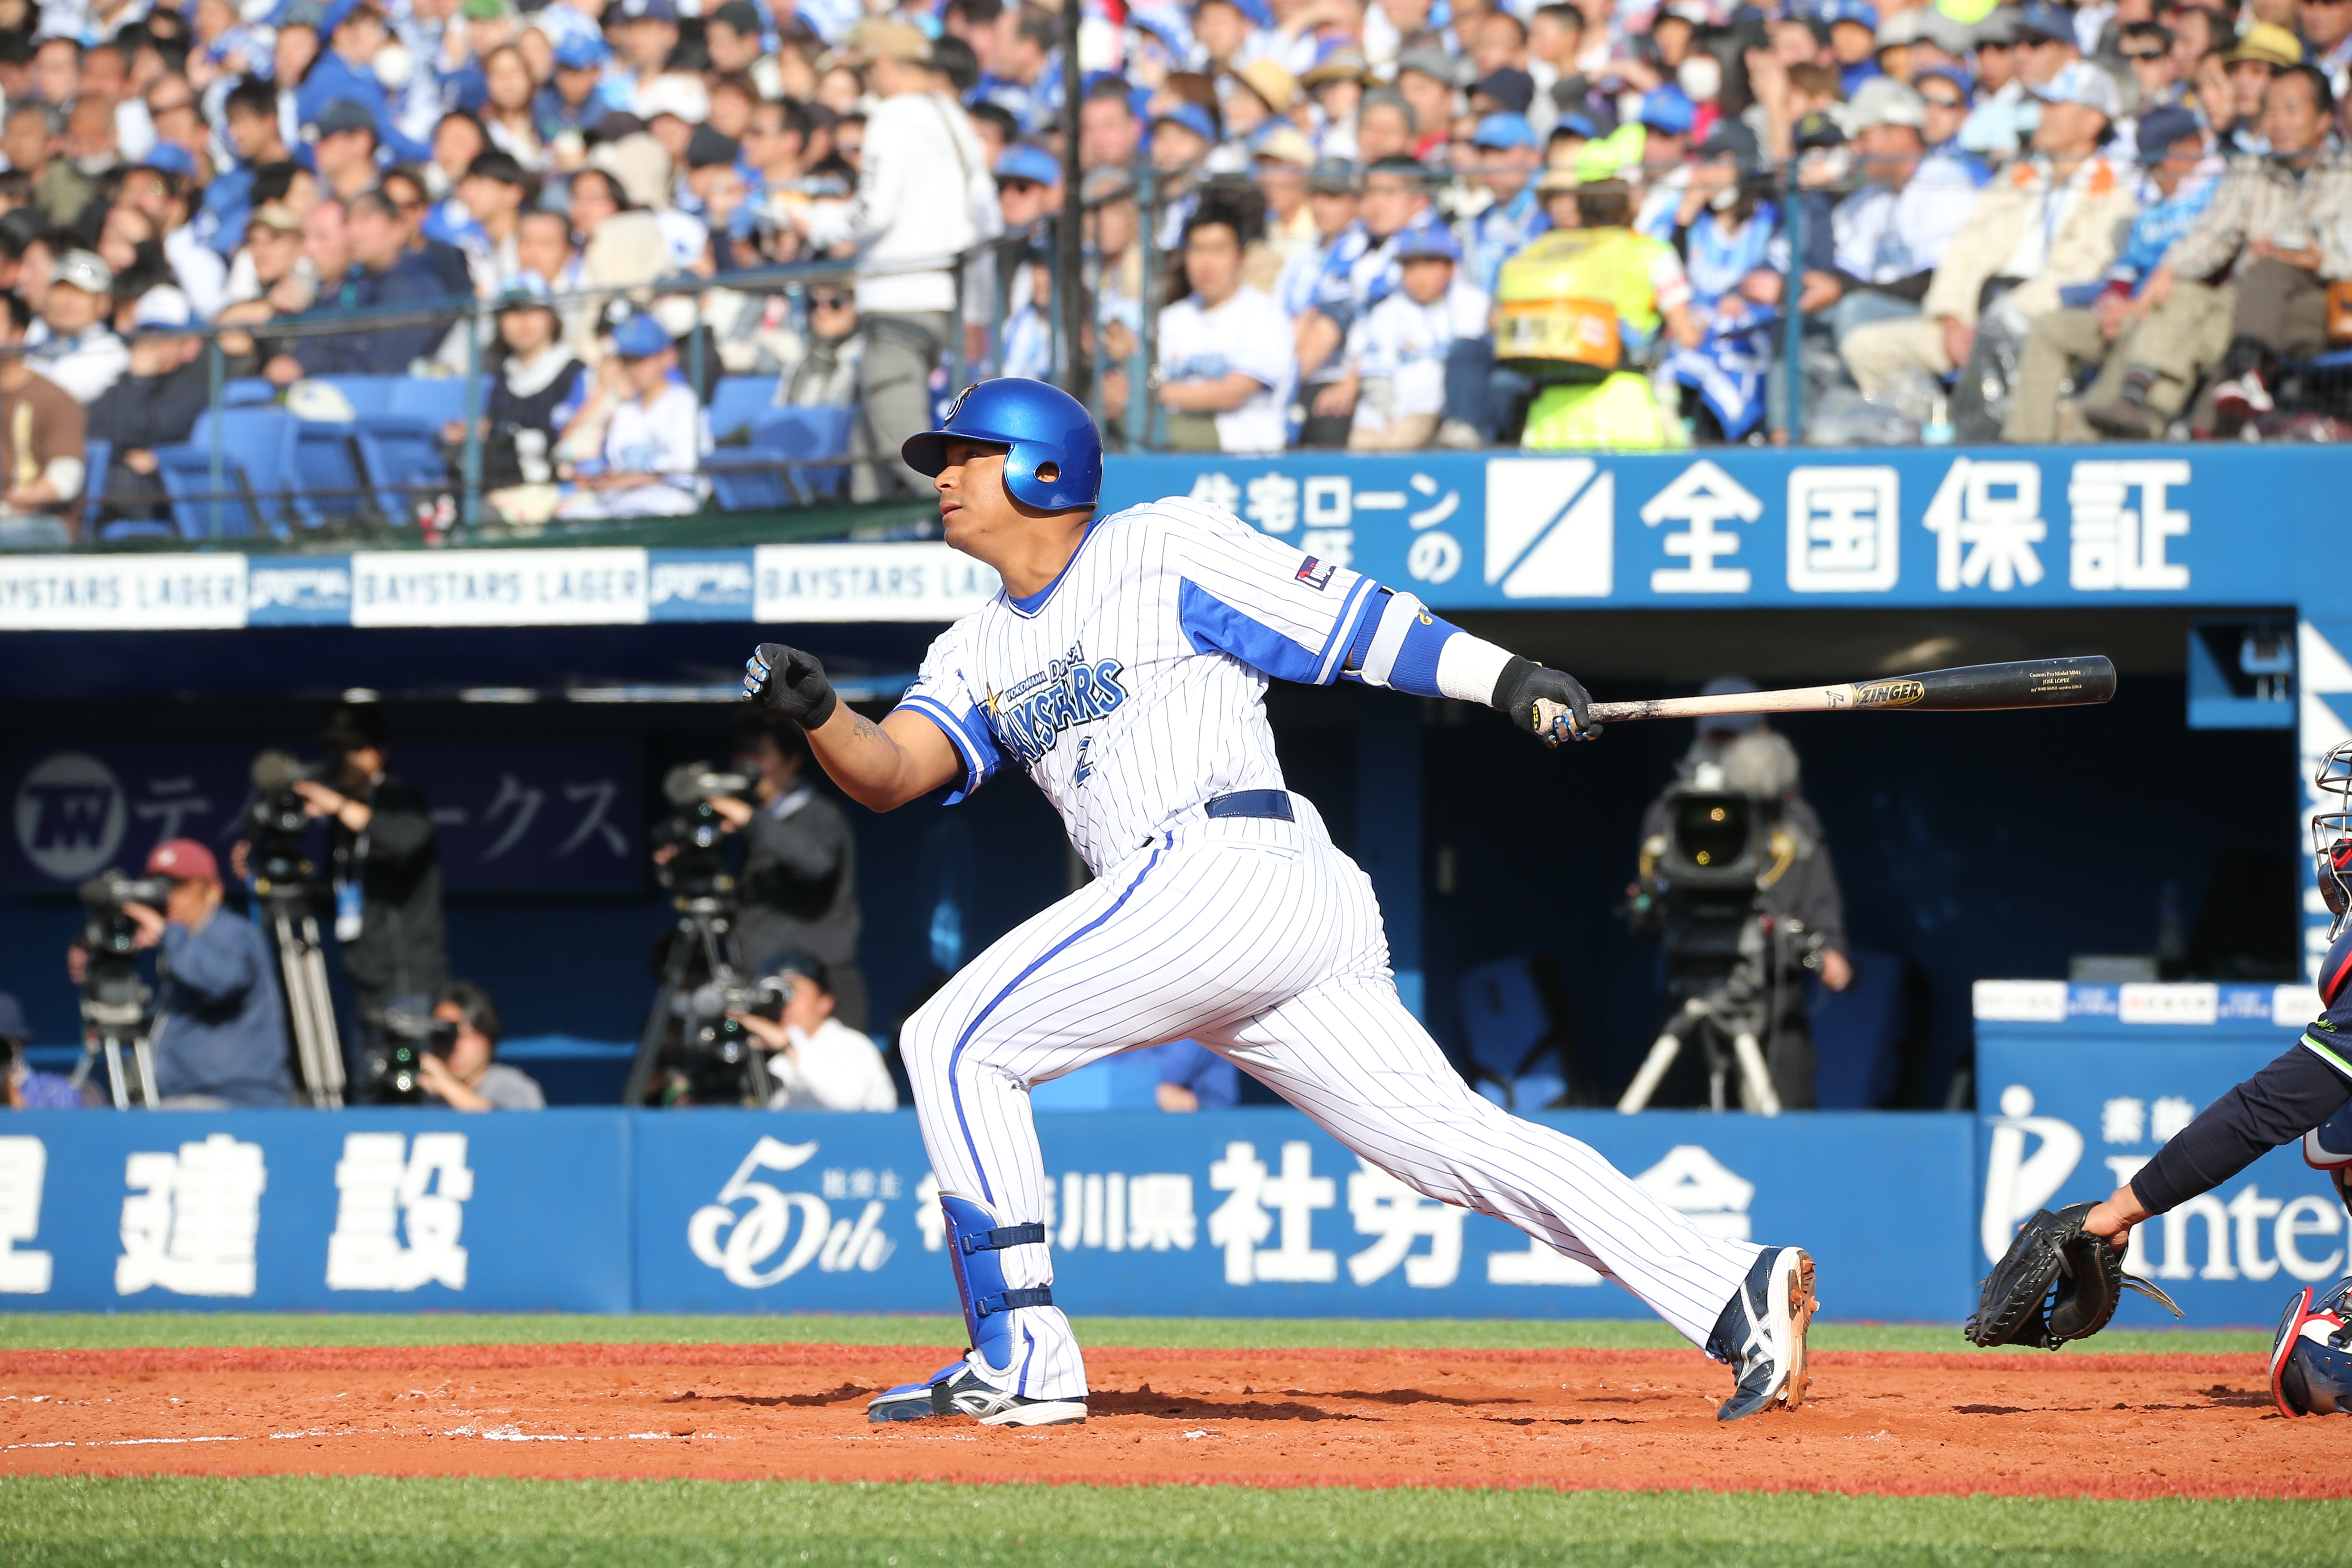 2000 本 ロペス 【DeNA】ロペスが日米通算2000本安打を達成「練習からリラックス」